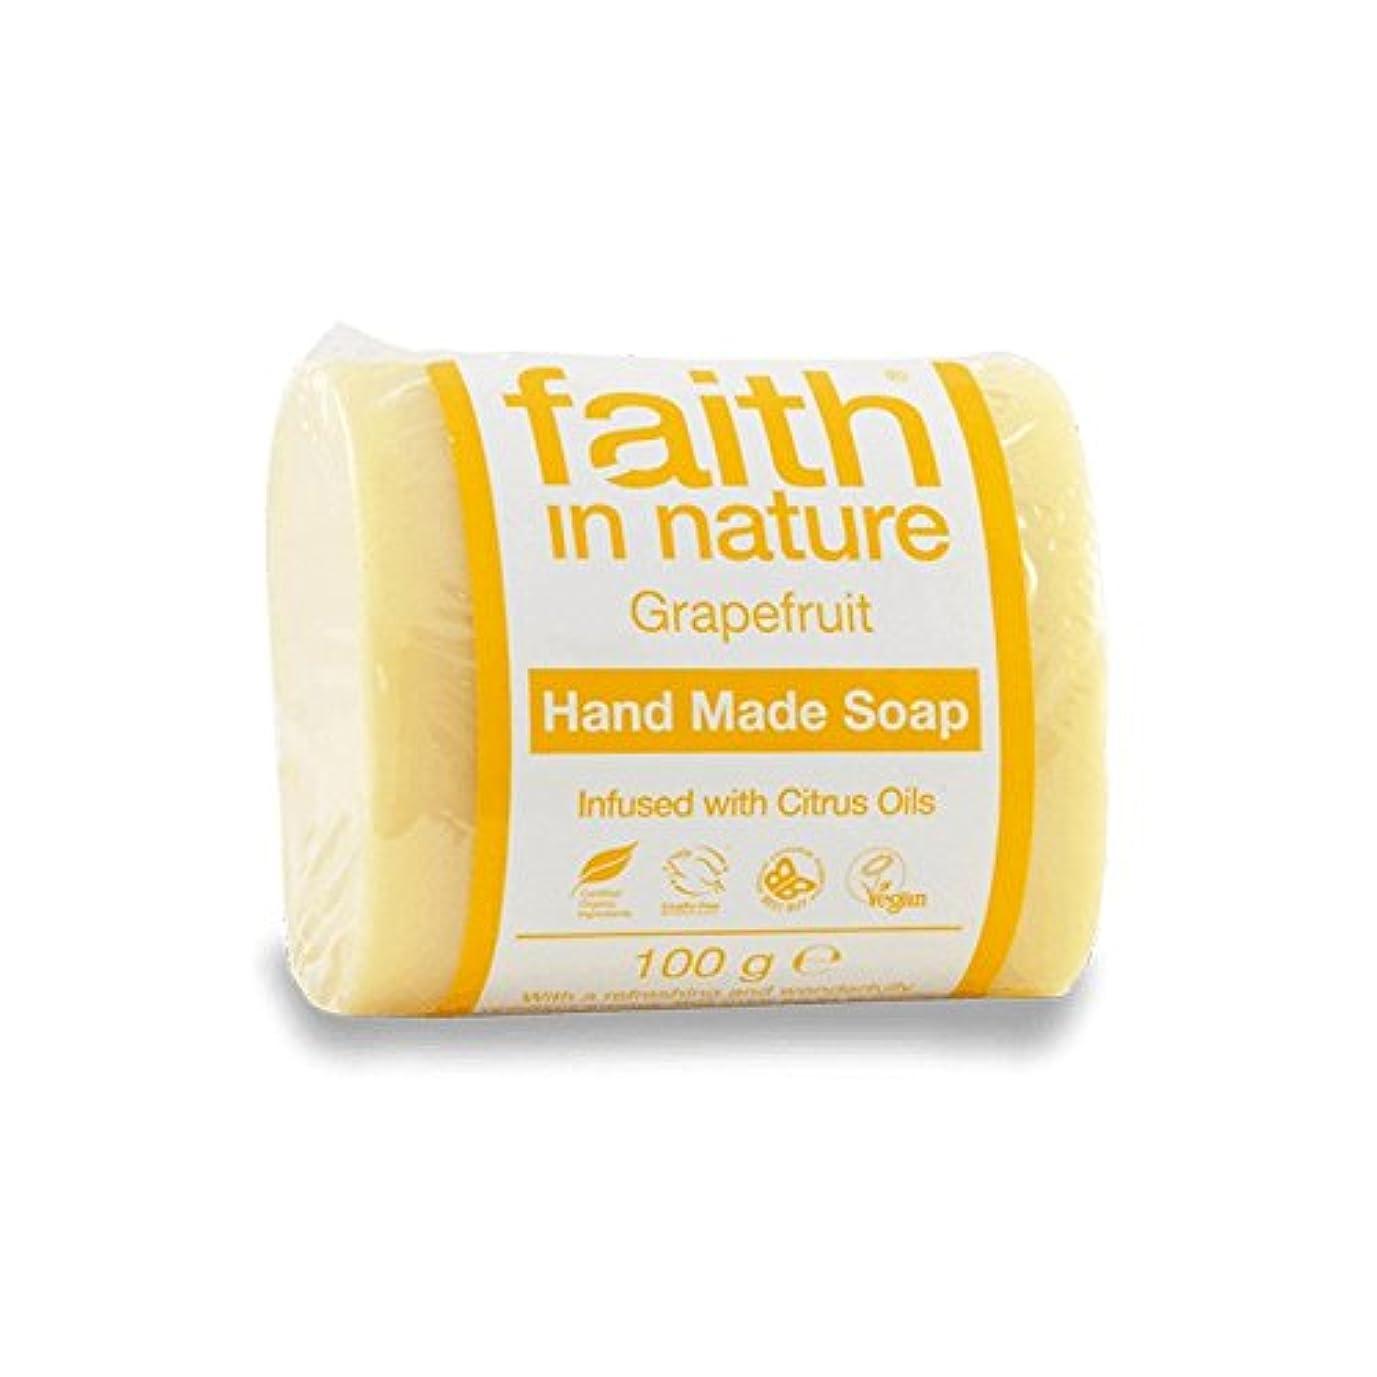 スポーツをする暖炉論理Faith in Nature Grapefruit Soap 100g (Pack of 2) - 自然グレープフルーツ石鹸100グラムの信仰 (x2) [並行輸入品]